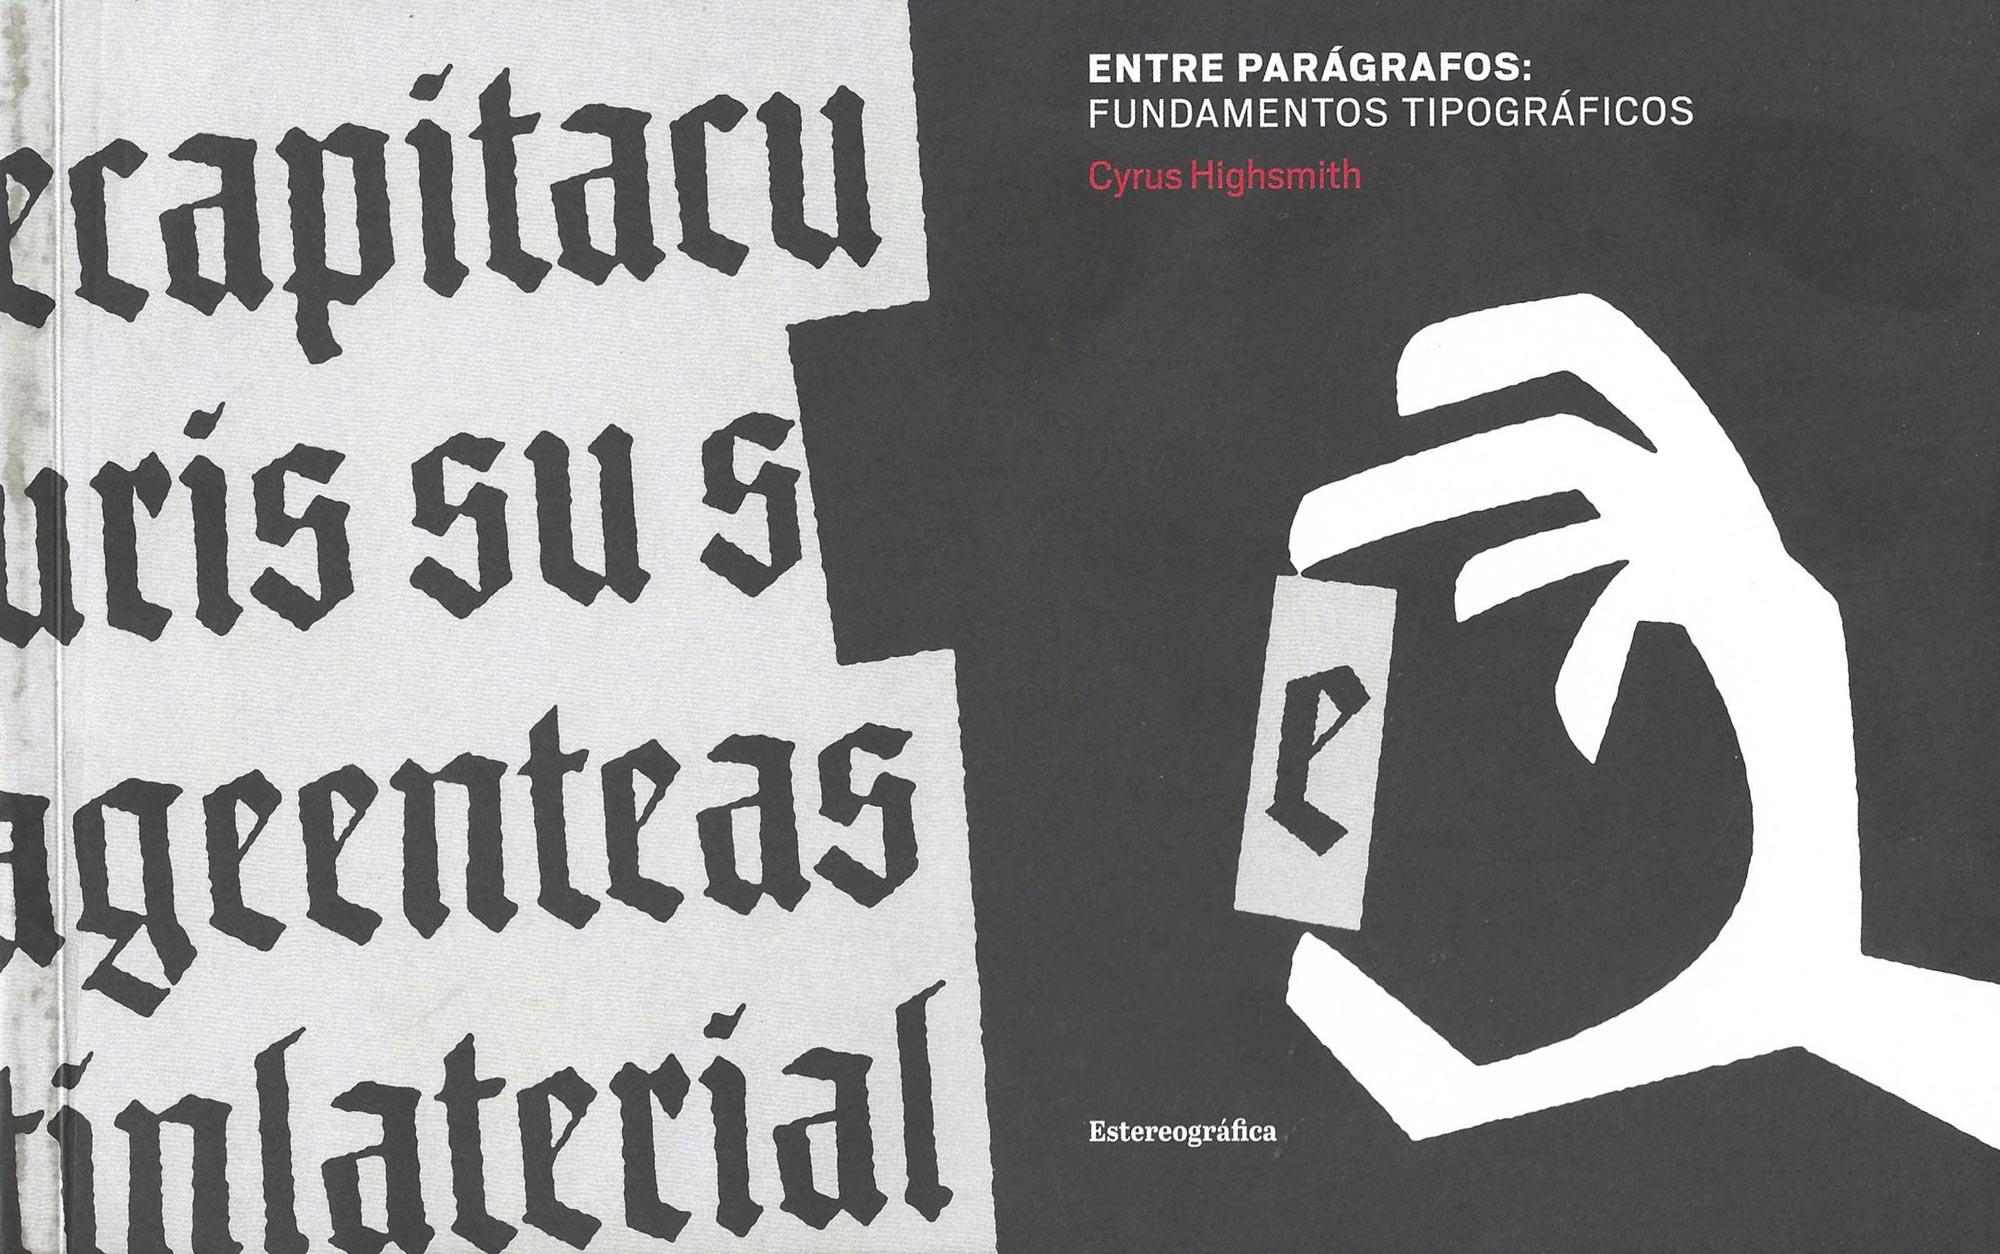 Entre parágrafos: fundamentos tipográficos